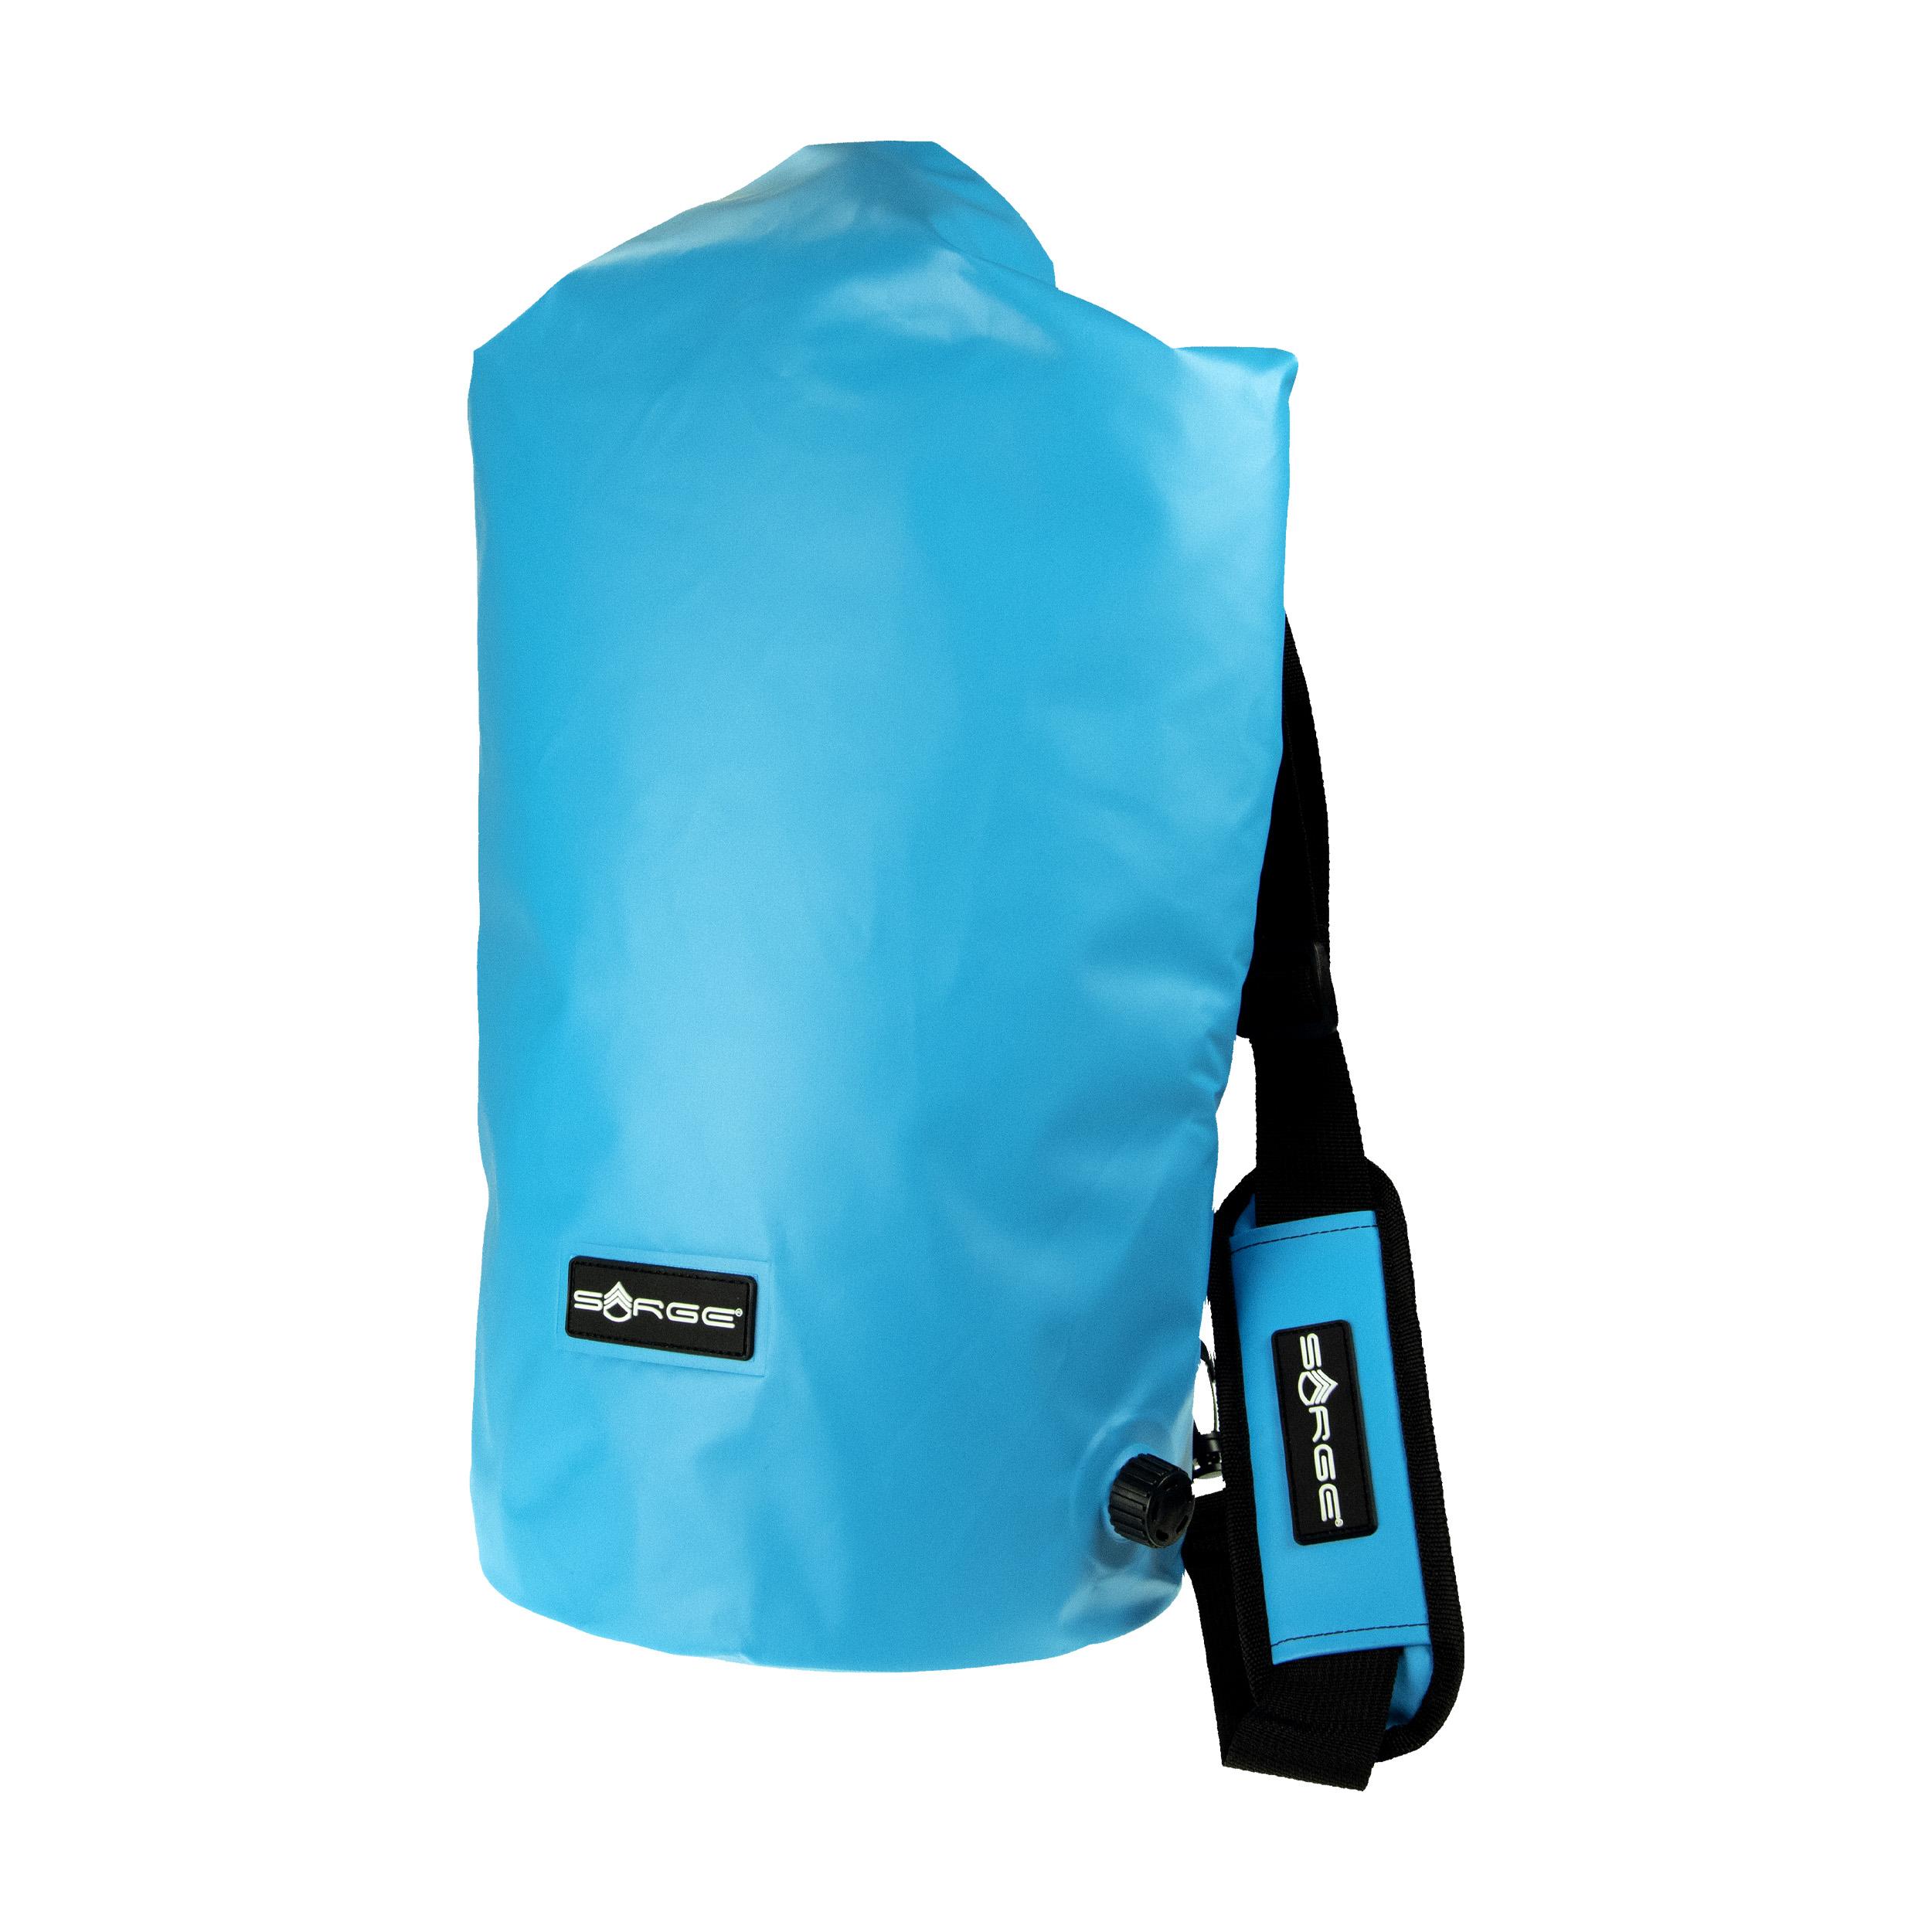 Glacier - Light Blue Roll Top Cooler Bag